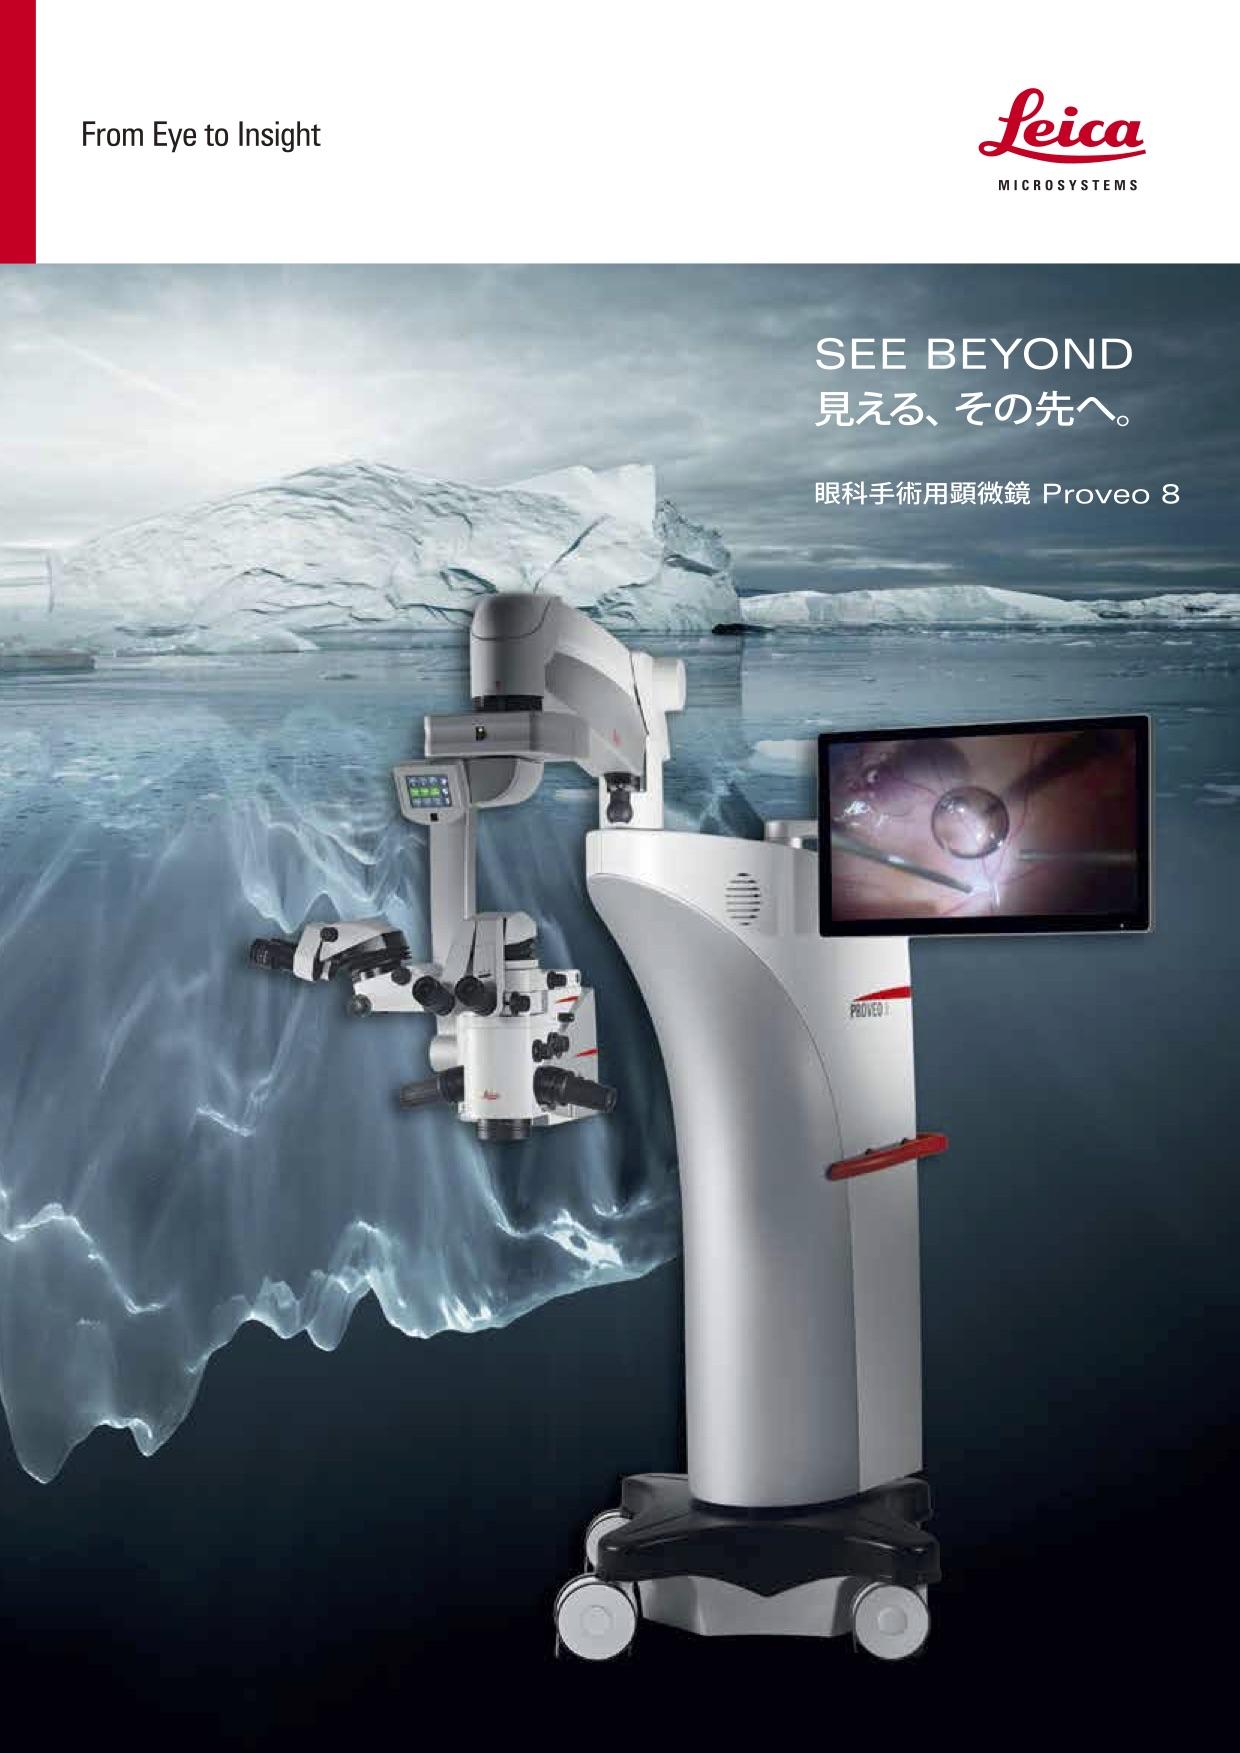 ダウンロード/眼科用手術顕微鏡 Proveo 8 カタログ